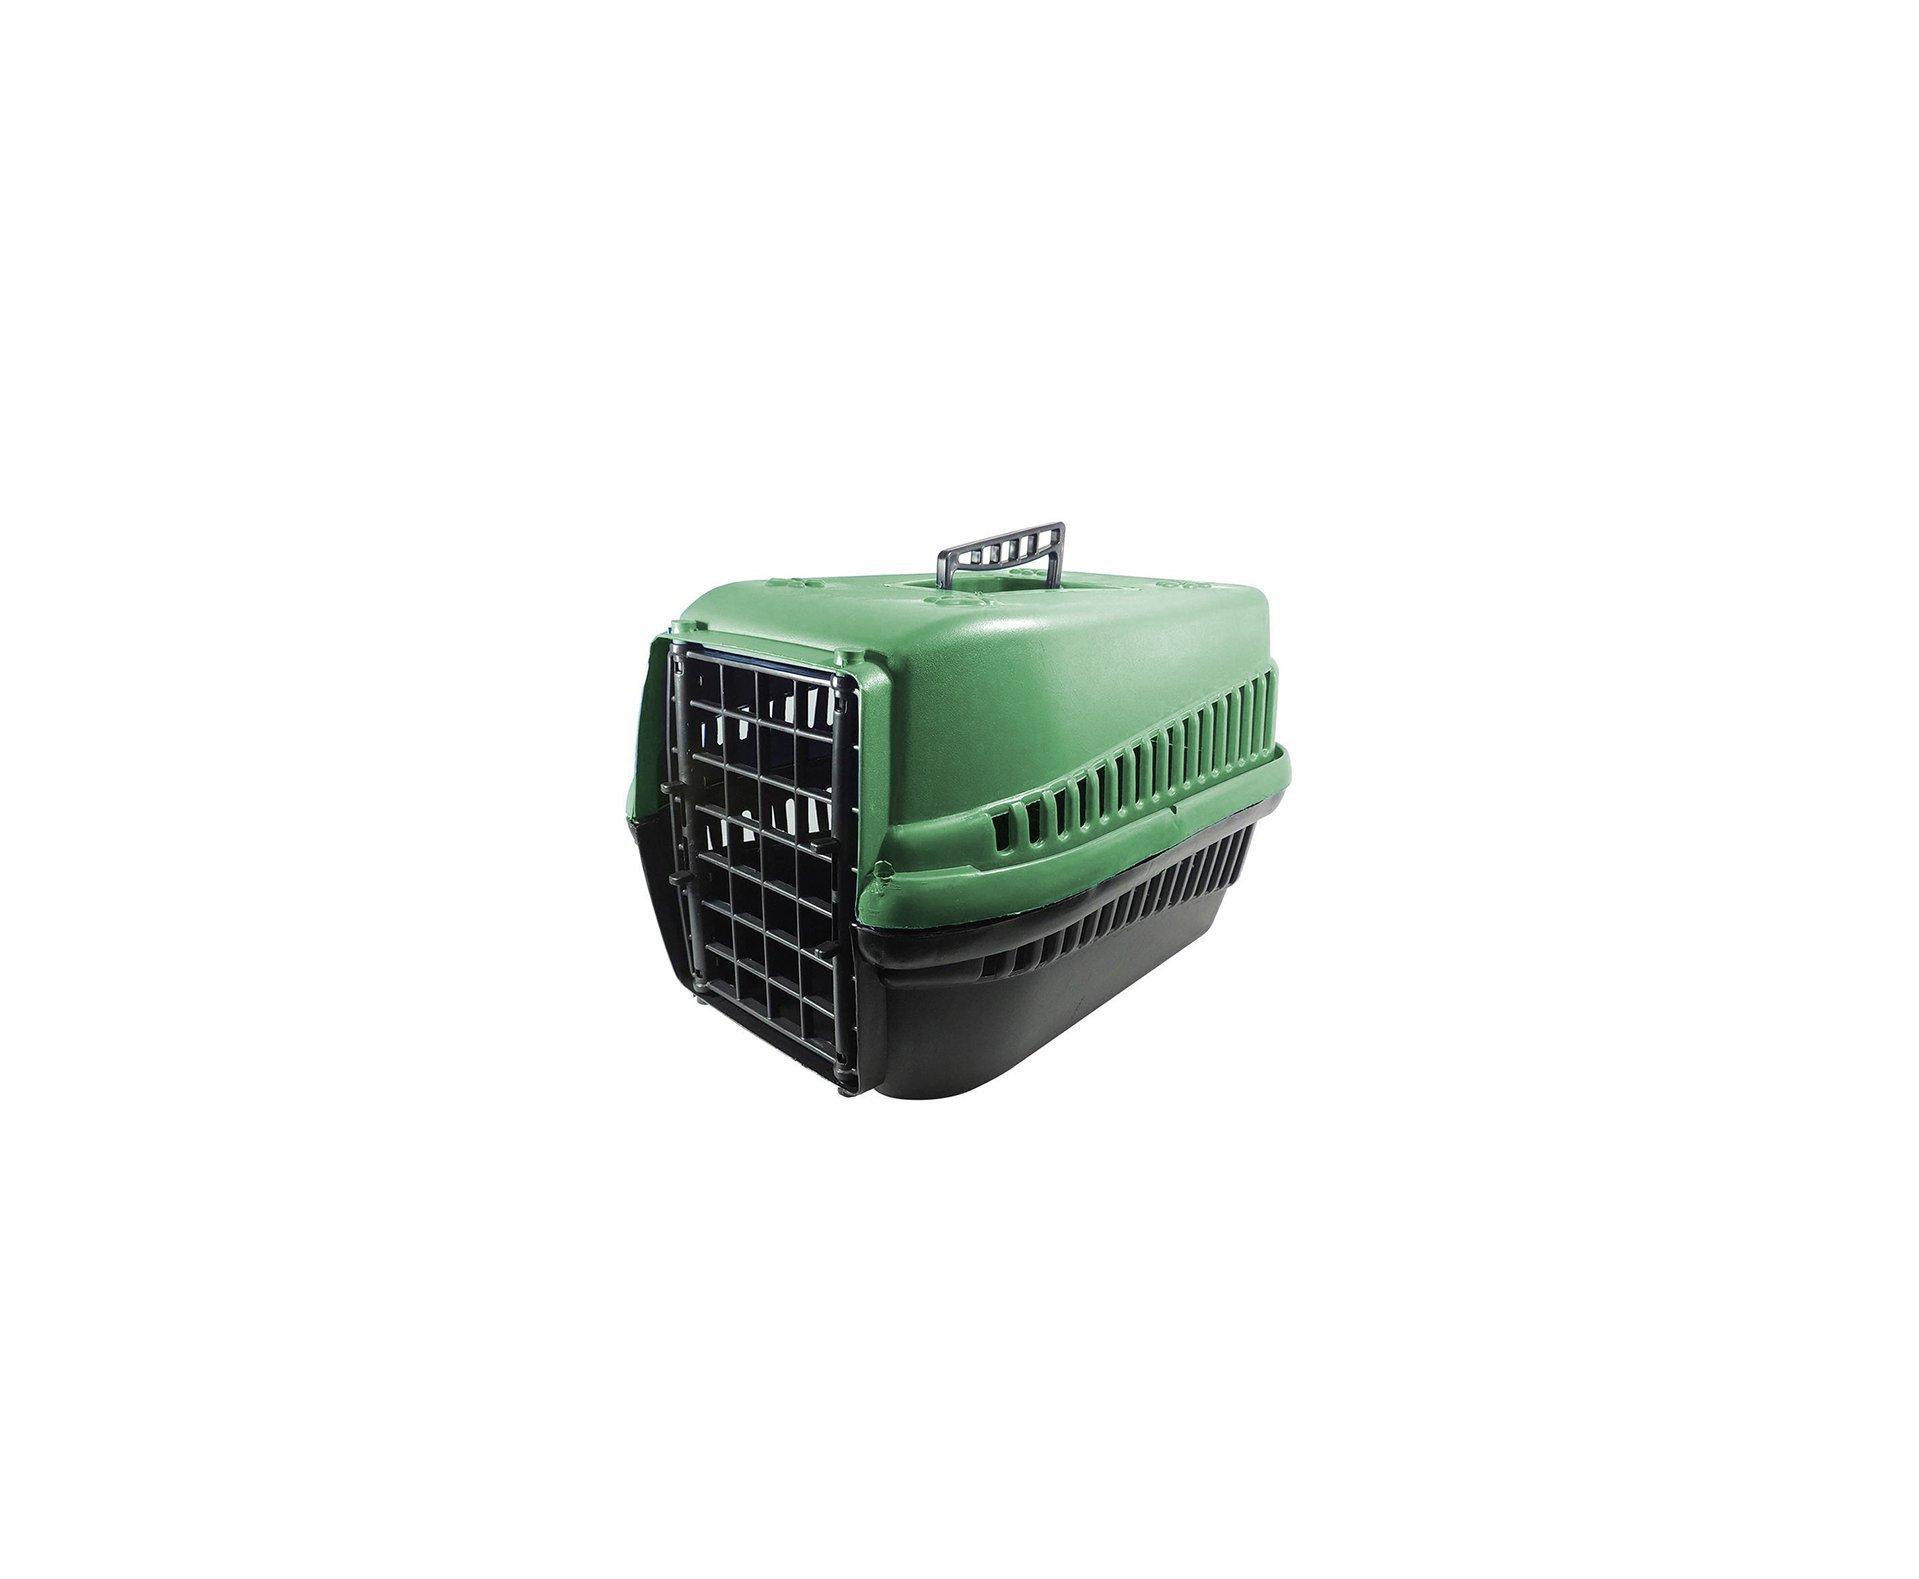 Caixa De Transporte Furacãopet N1 Verde - Furacão